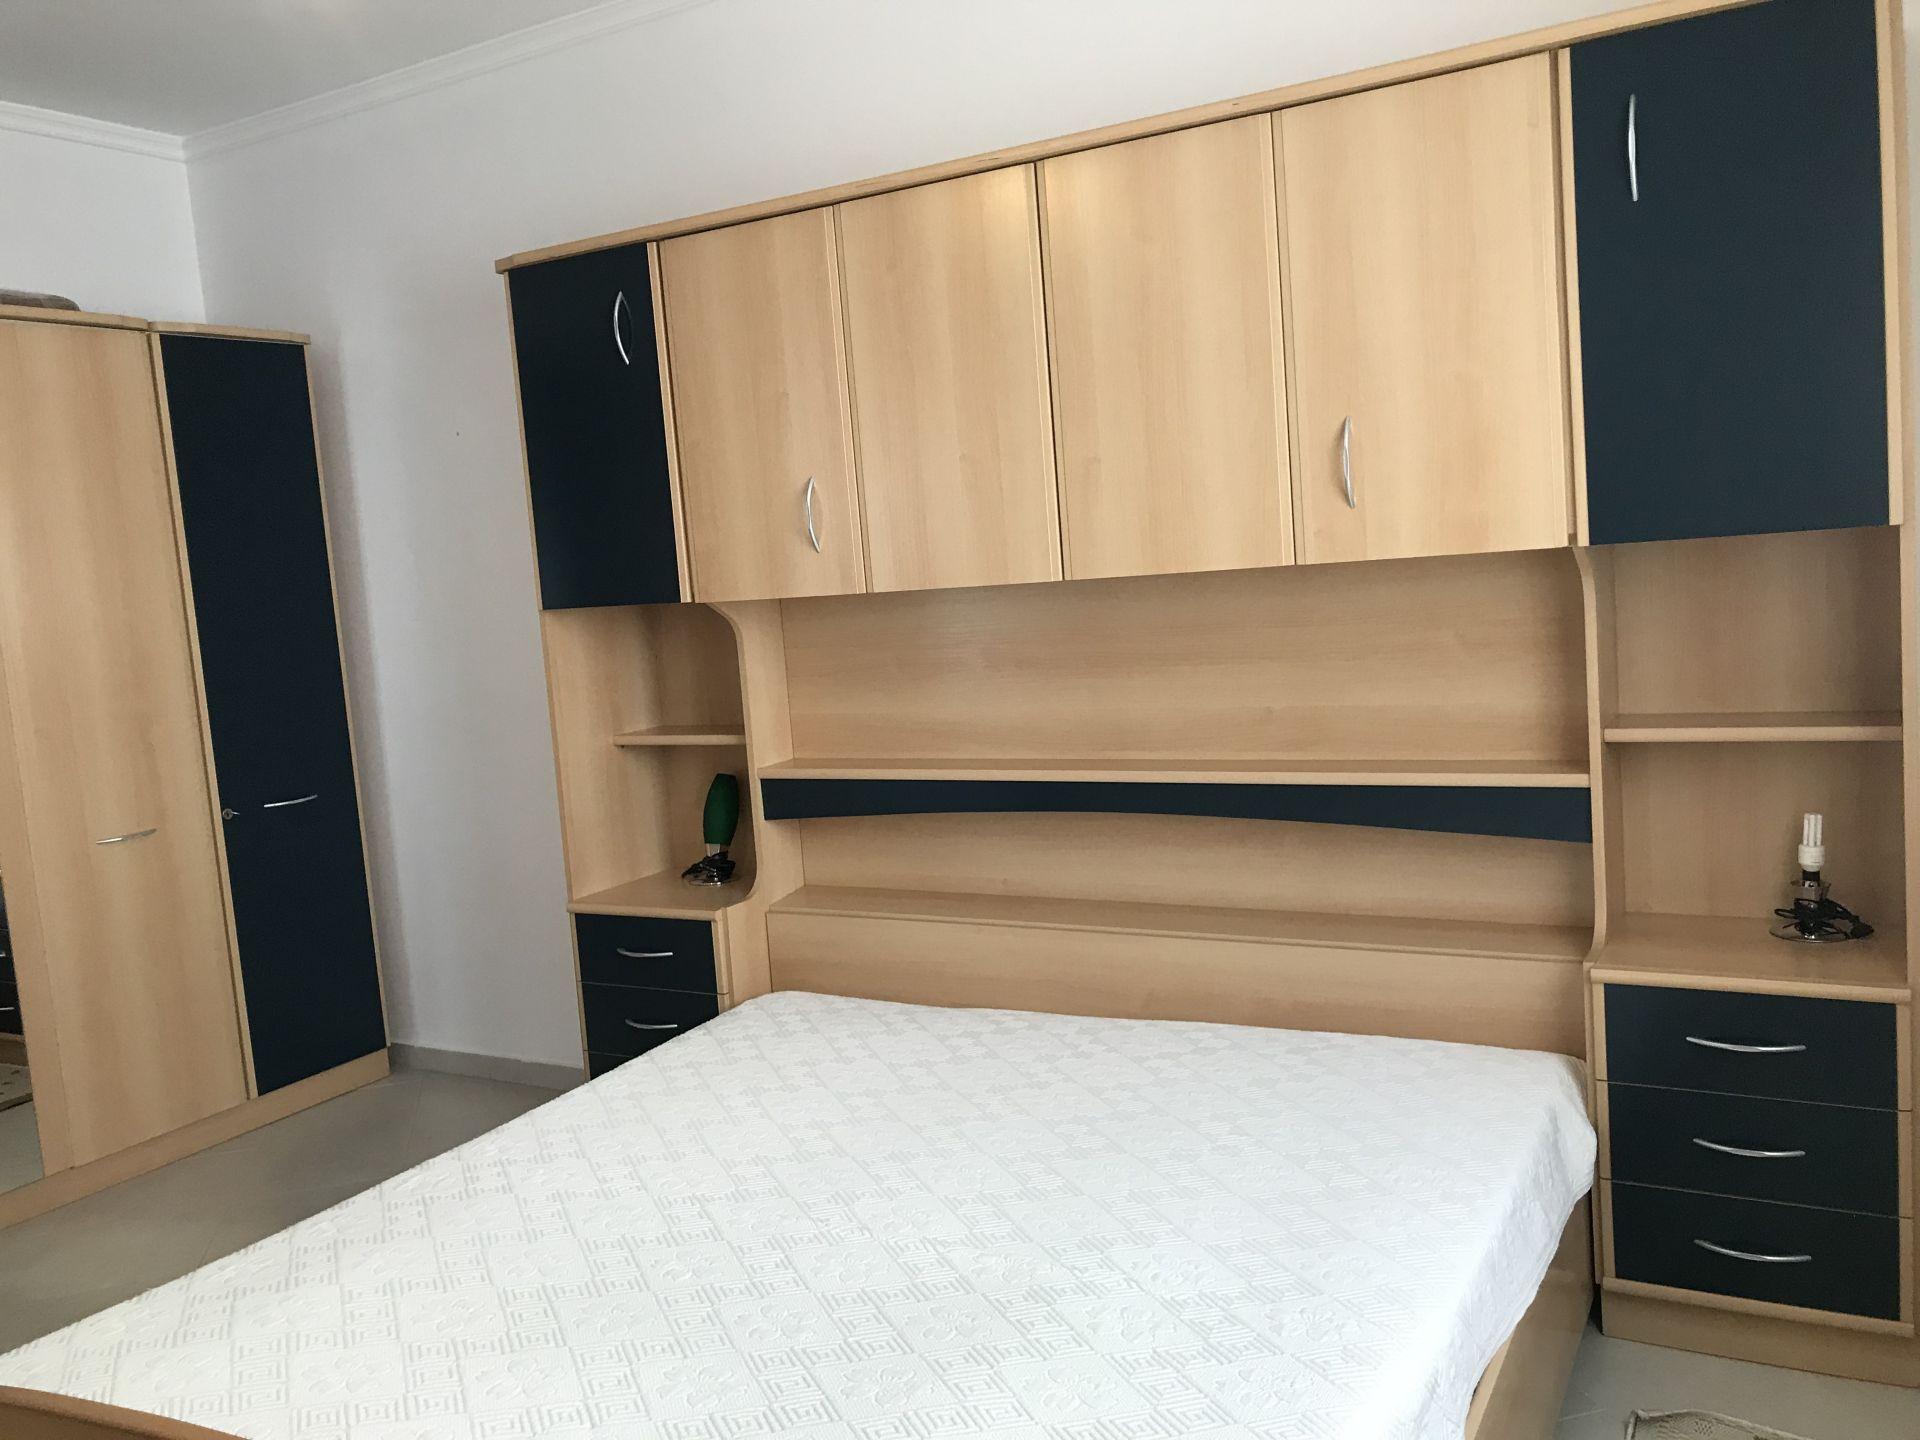 Apartment 2 + 1